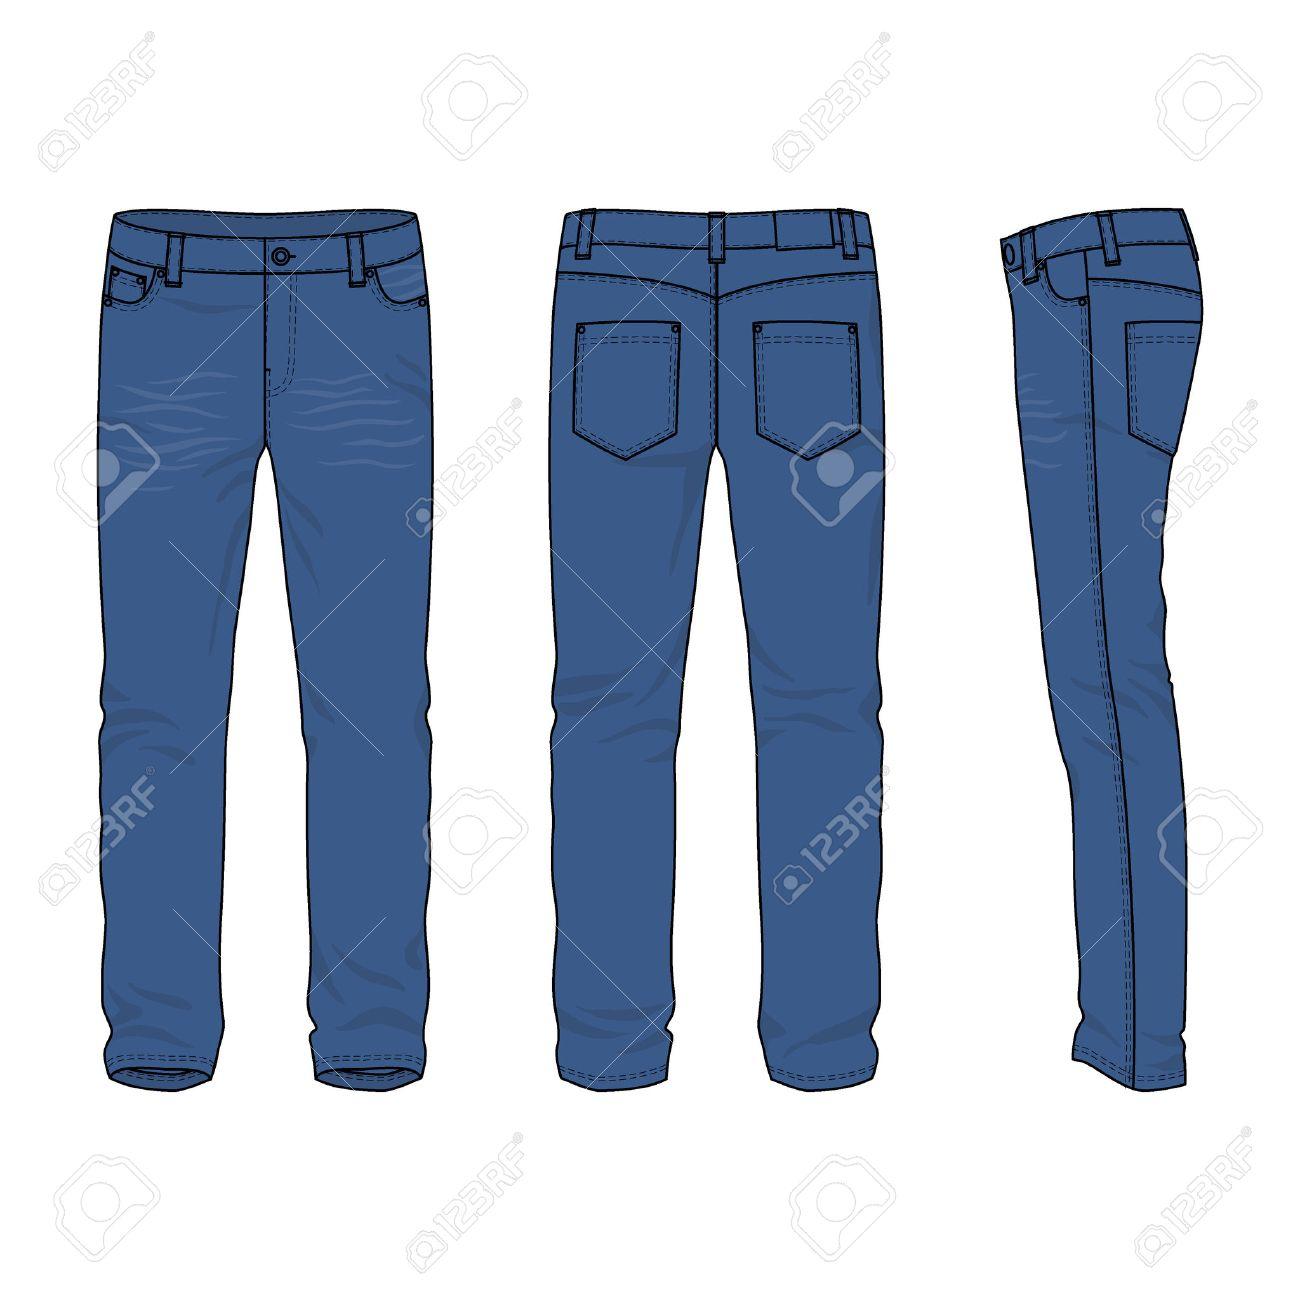 gran selección de 17792 46502 Frontal, posterior y lateral de los pantalones vaqueros de los hombres en  blanco. Ilustración del vector. Aislado en blanco. Estilo casual. ...